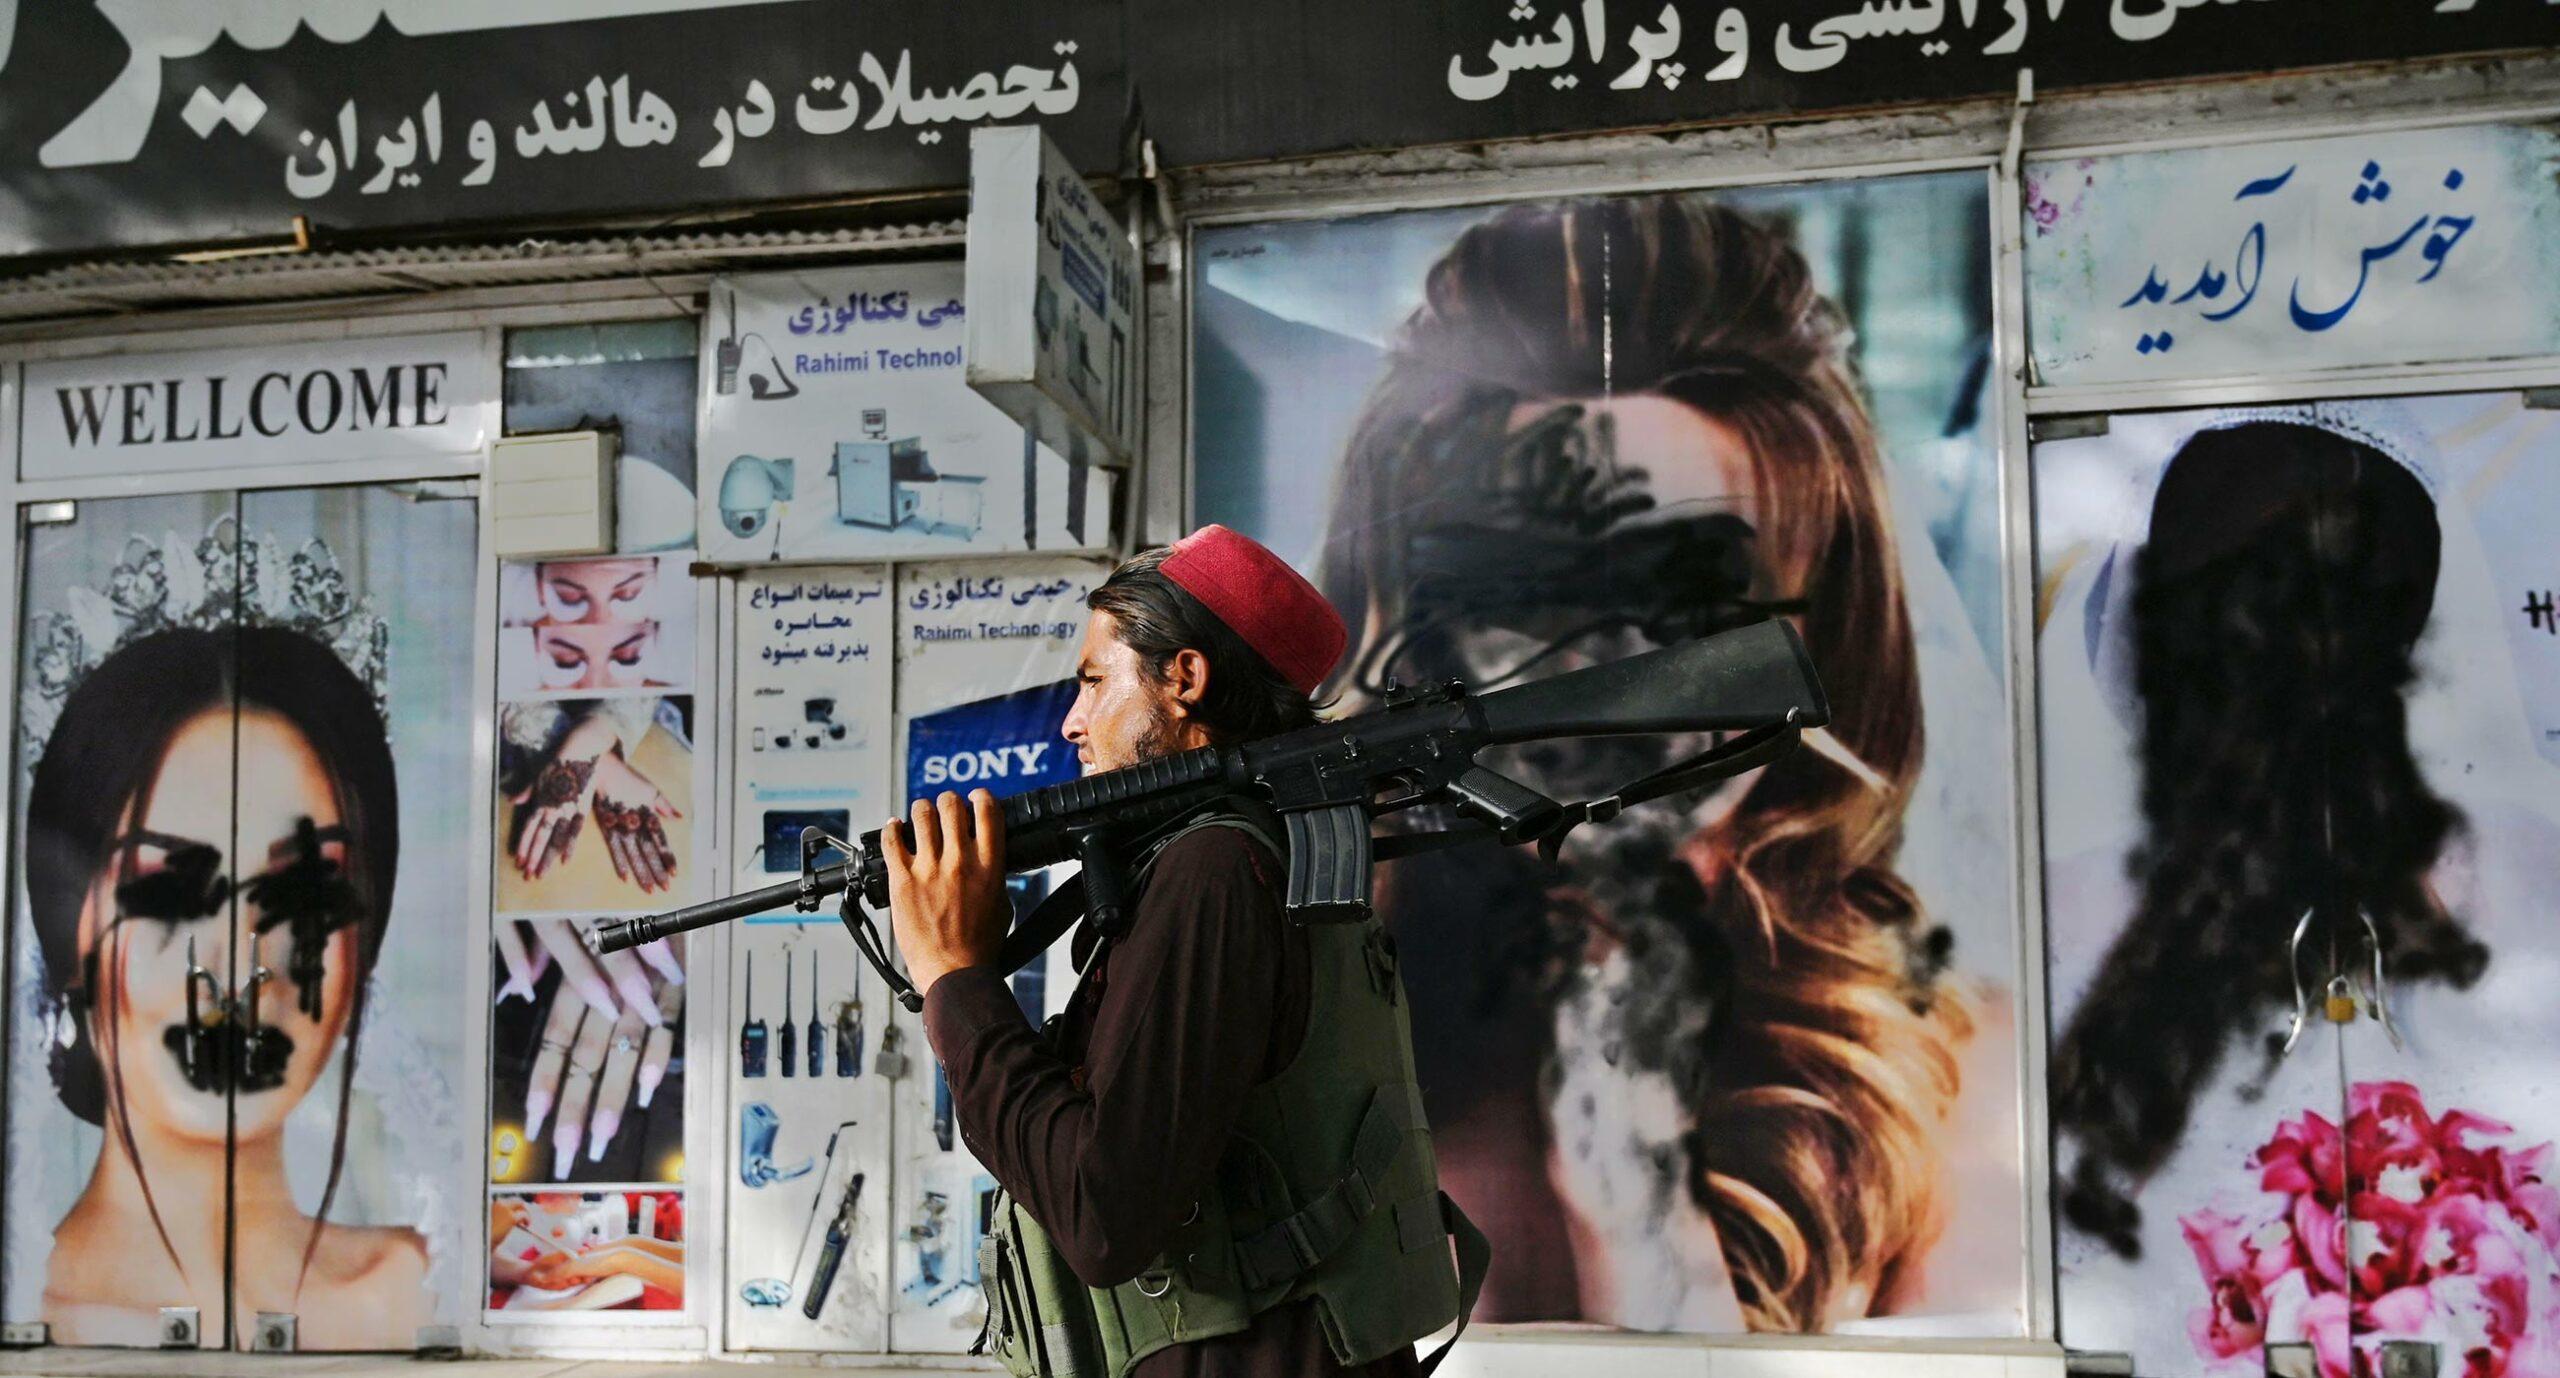 Афганістан сьогодні: жінки протестують, «Талібан» застосовує силу